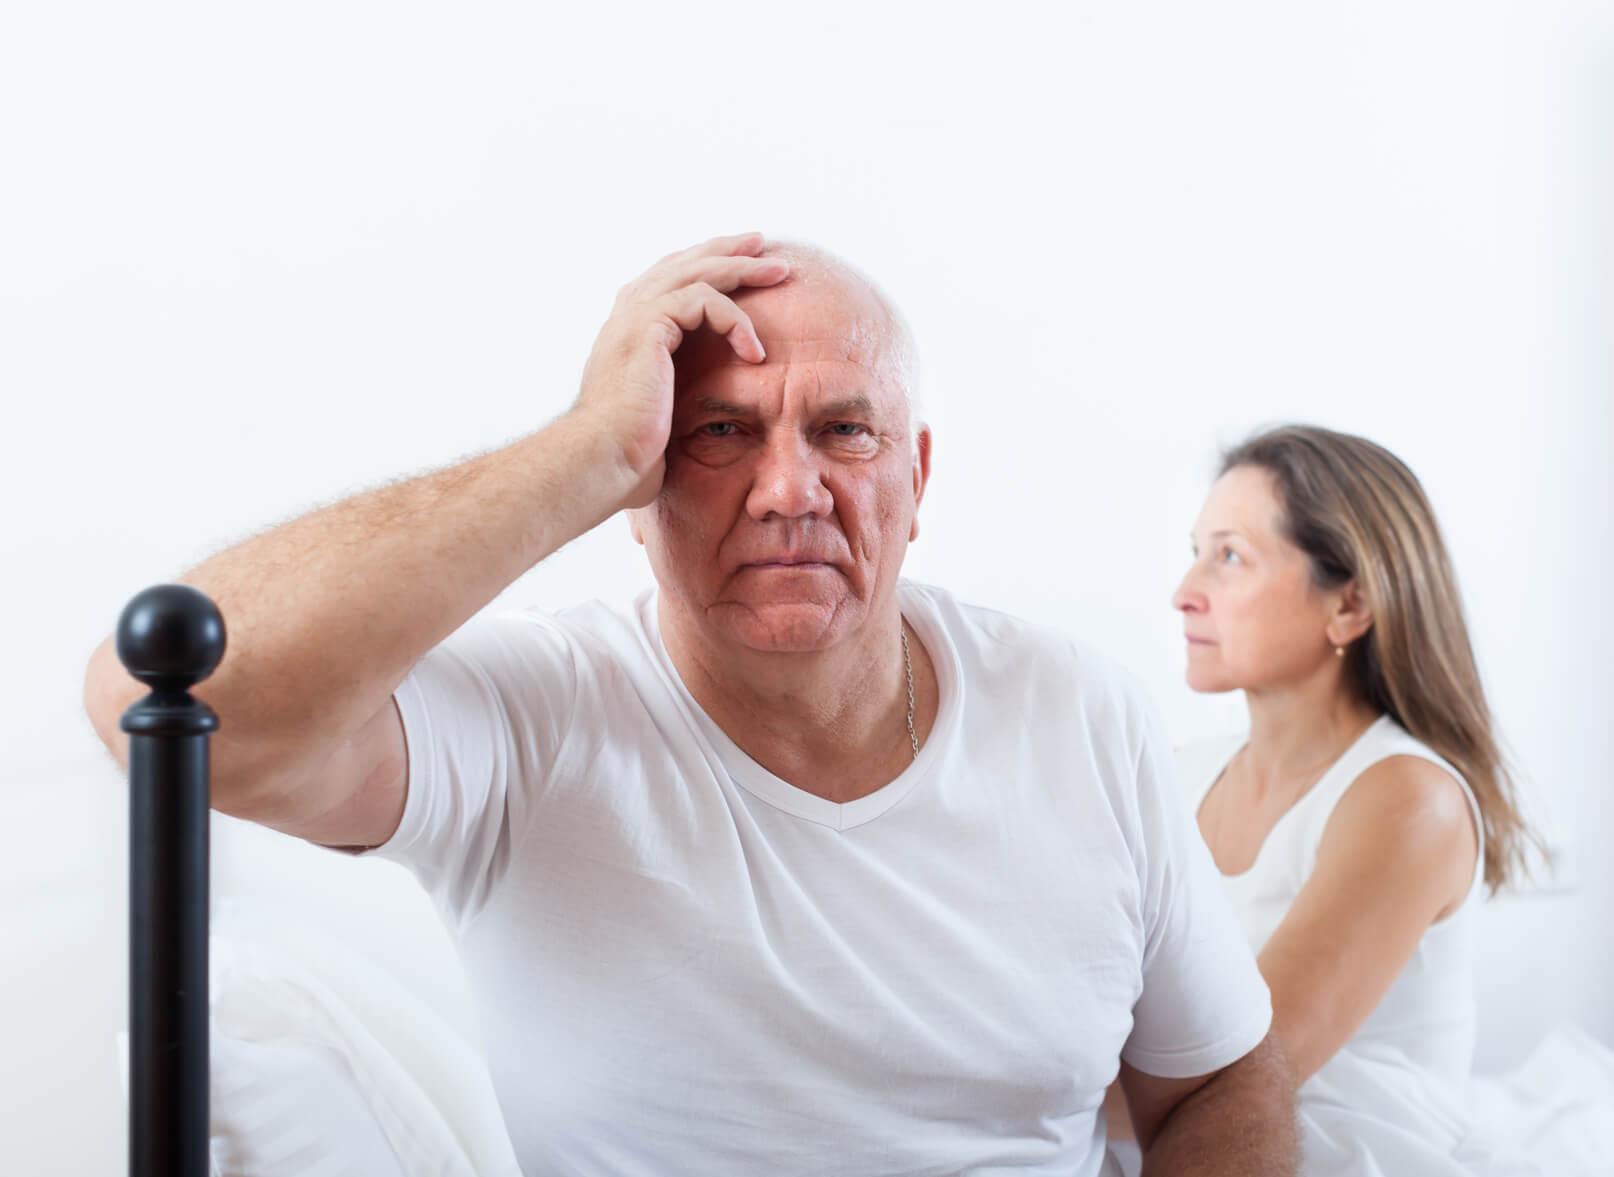 lipsa erecției provoacă tratament penisuri super giganti